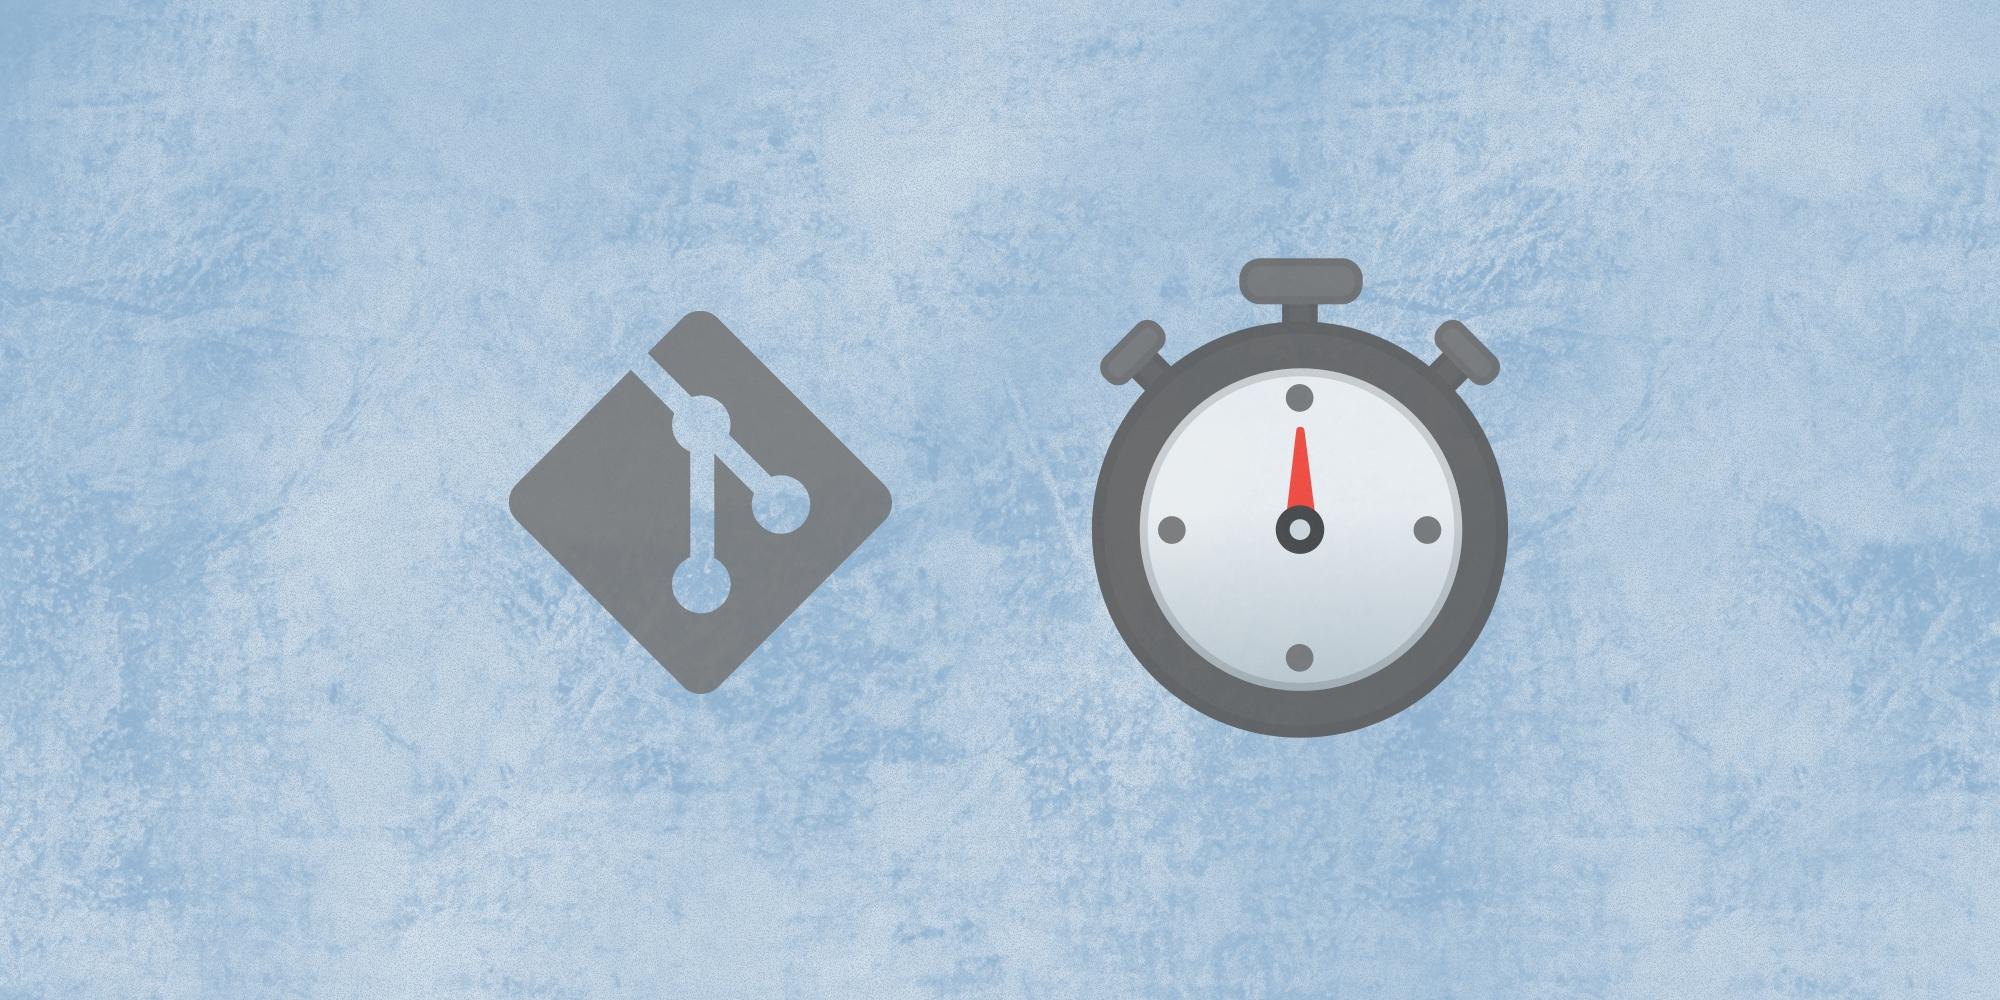 🛠 Всё, что нужно знать начинающему о Git: рассмотрим за 15 минут